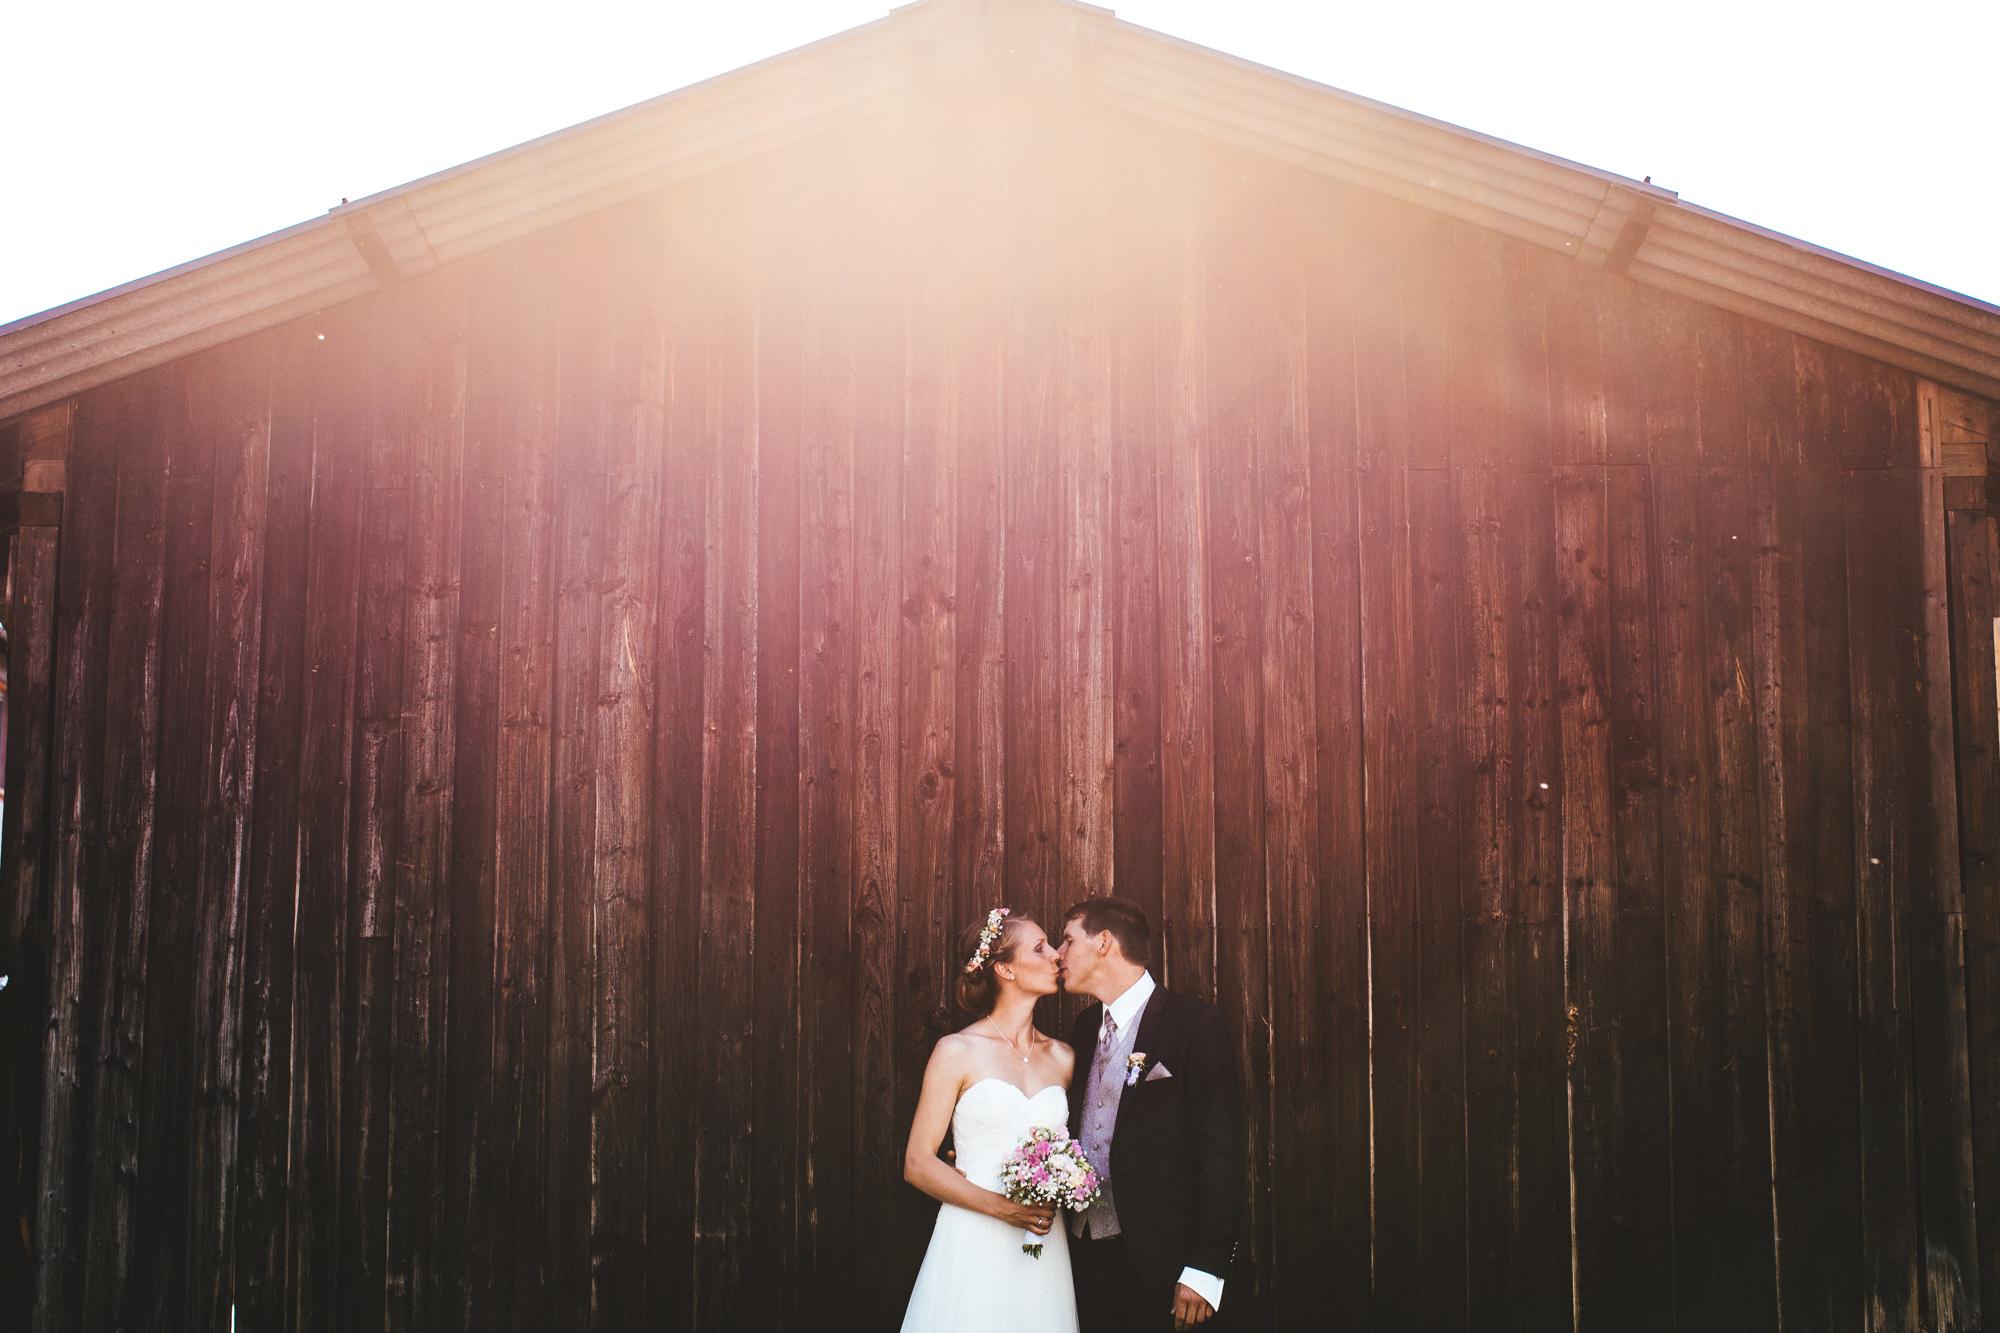 annethomas 296 - Hochzeit im wunderschönen Ladenburg in Eichenstolz